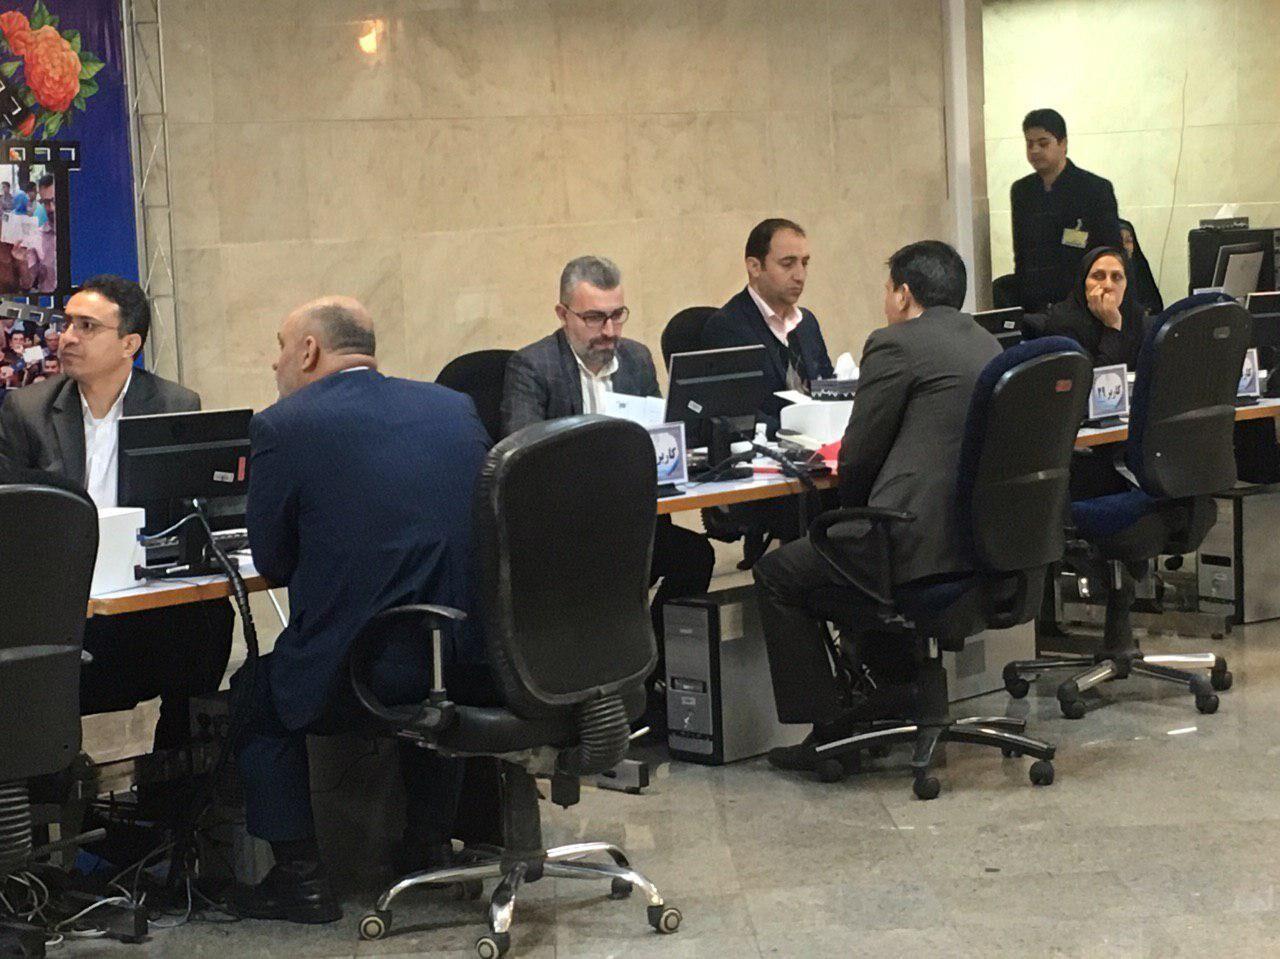 دومین روز نامنویسی از داوطلبان انتخابات مجلس آغاز شد